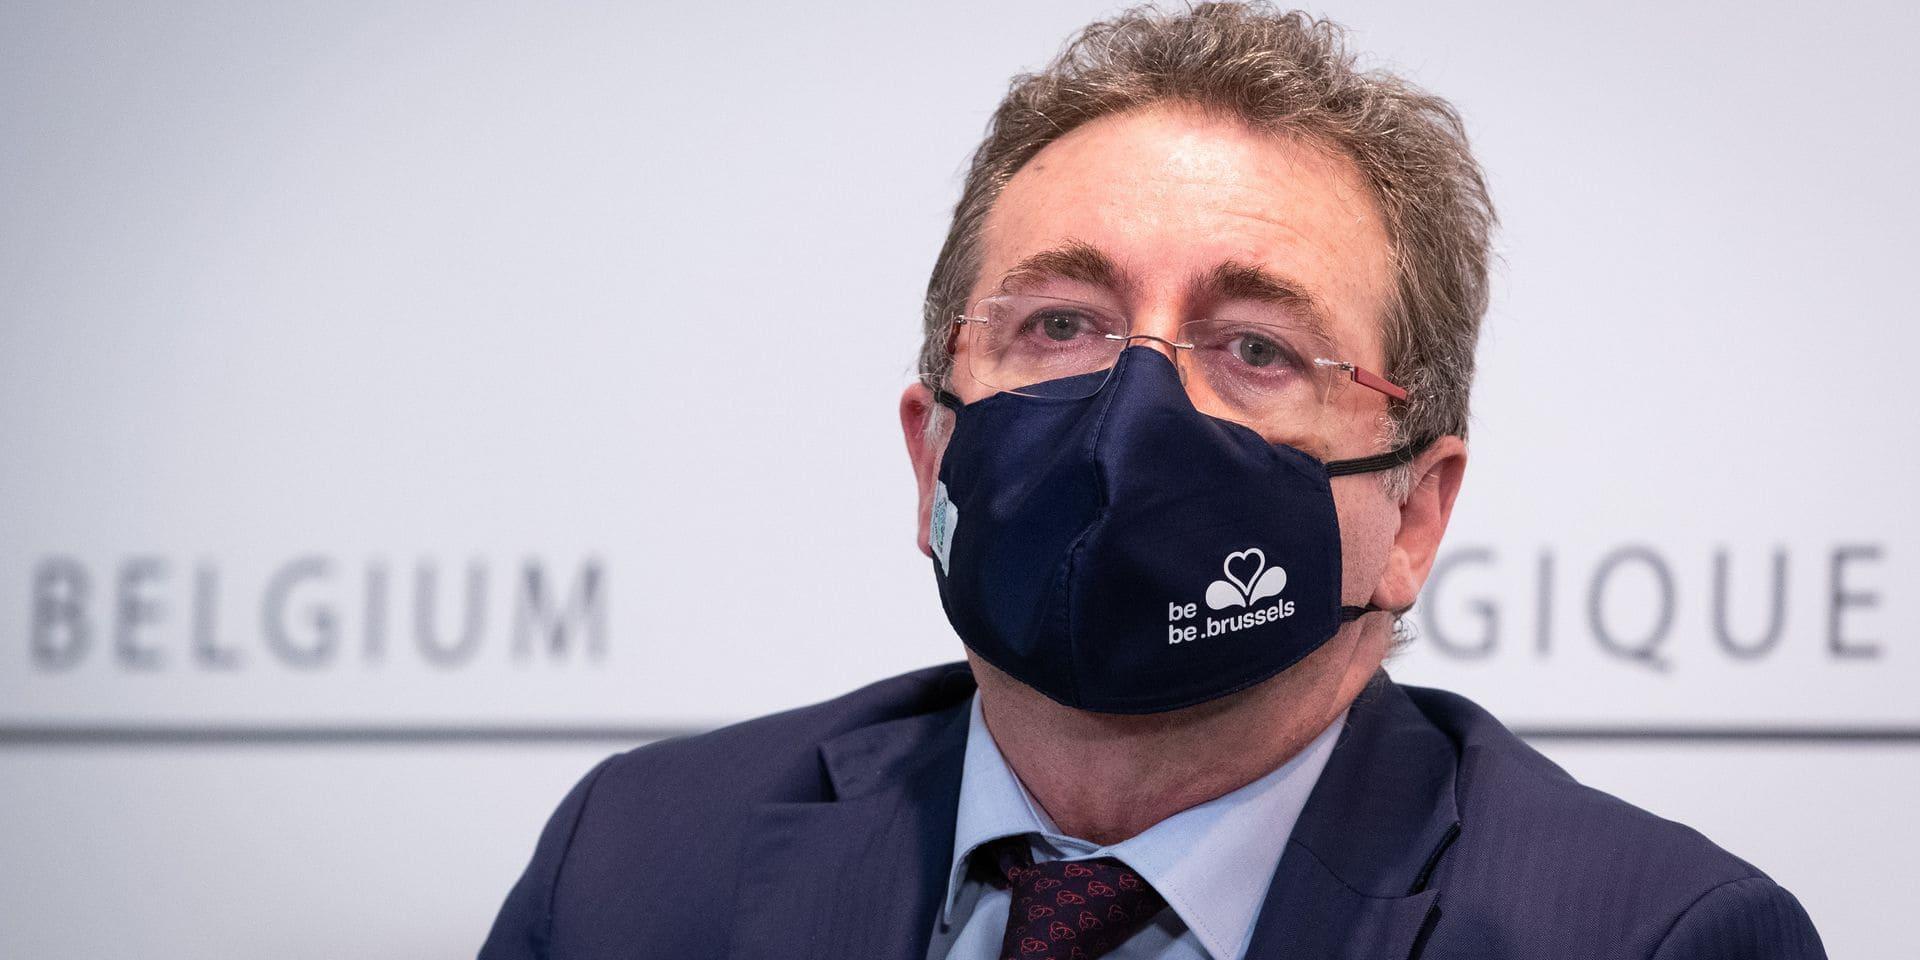 Rassurée, la Région bruxelloise valide le plan de relance